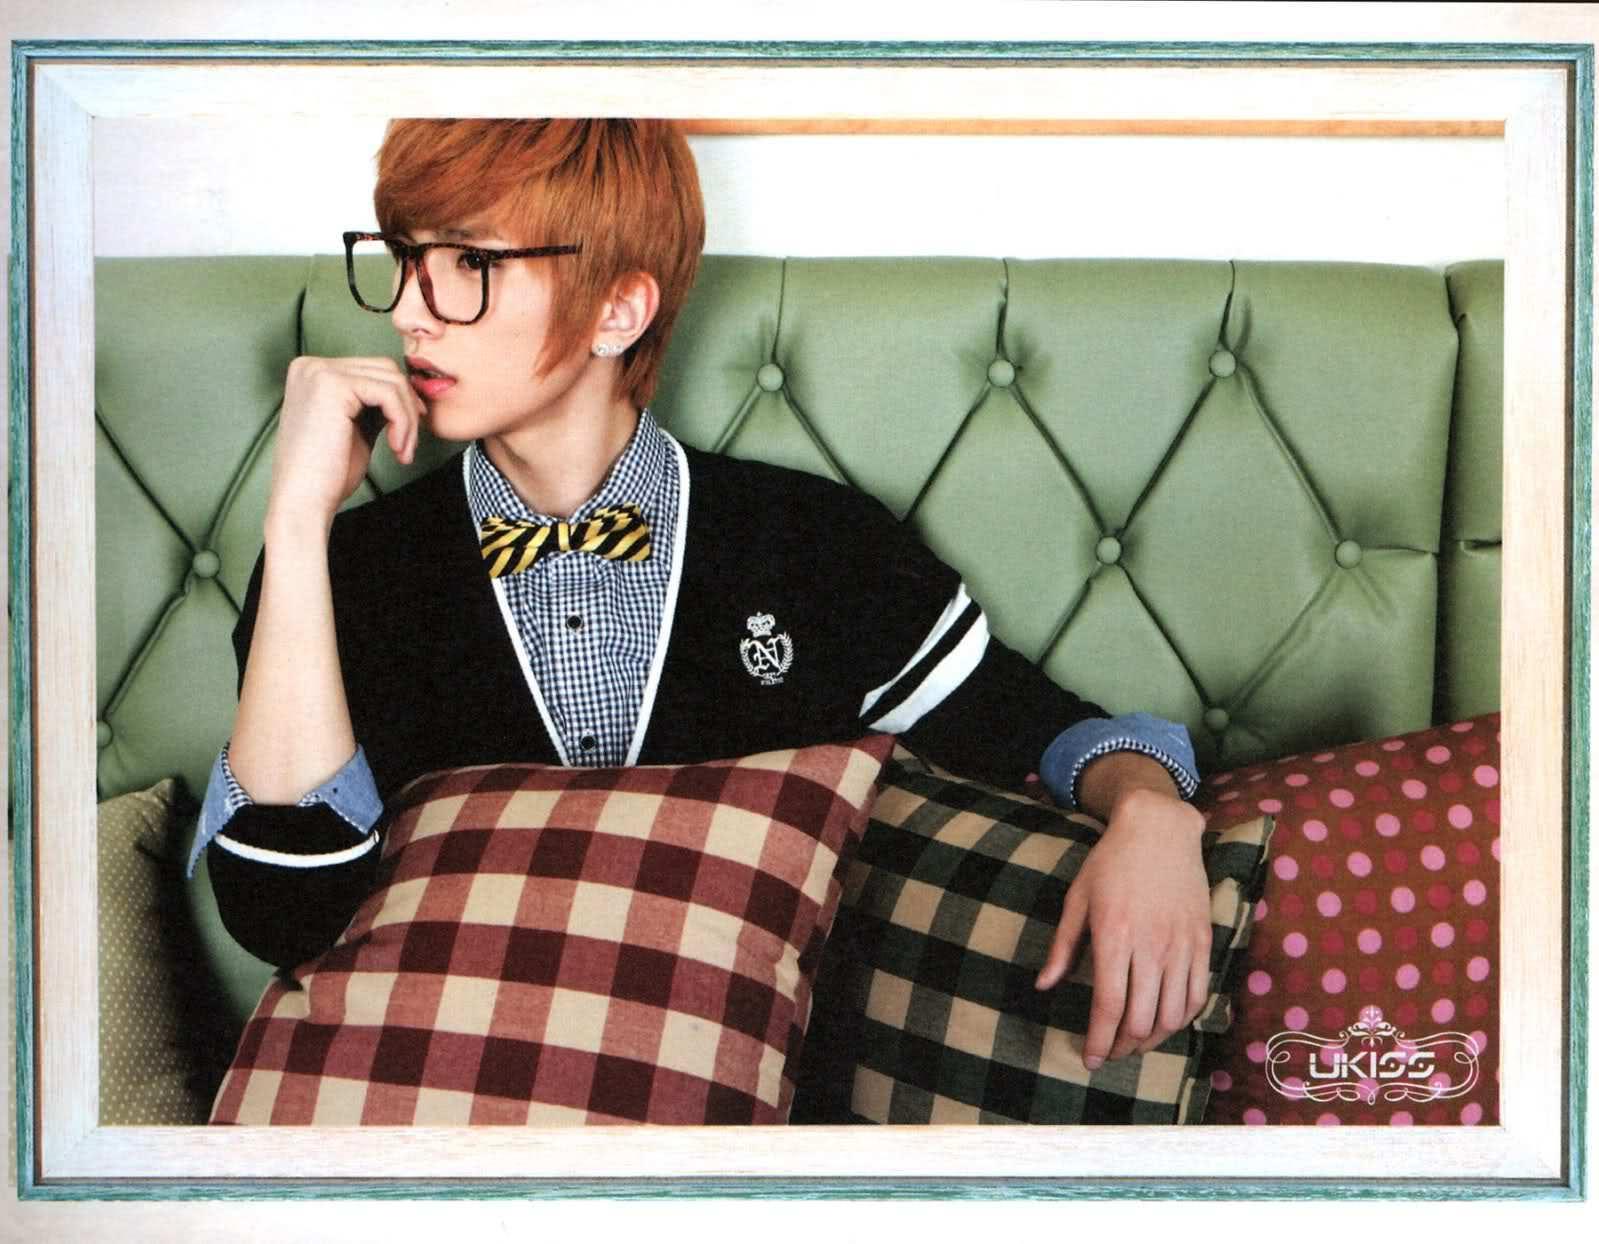 U Kiss - Brand New Kiss Photobook - u-kiss-%EC%9C%A0%ED%82%A4%EC%8A%A4 photo